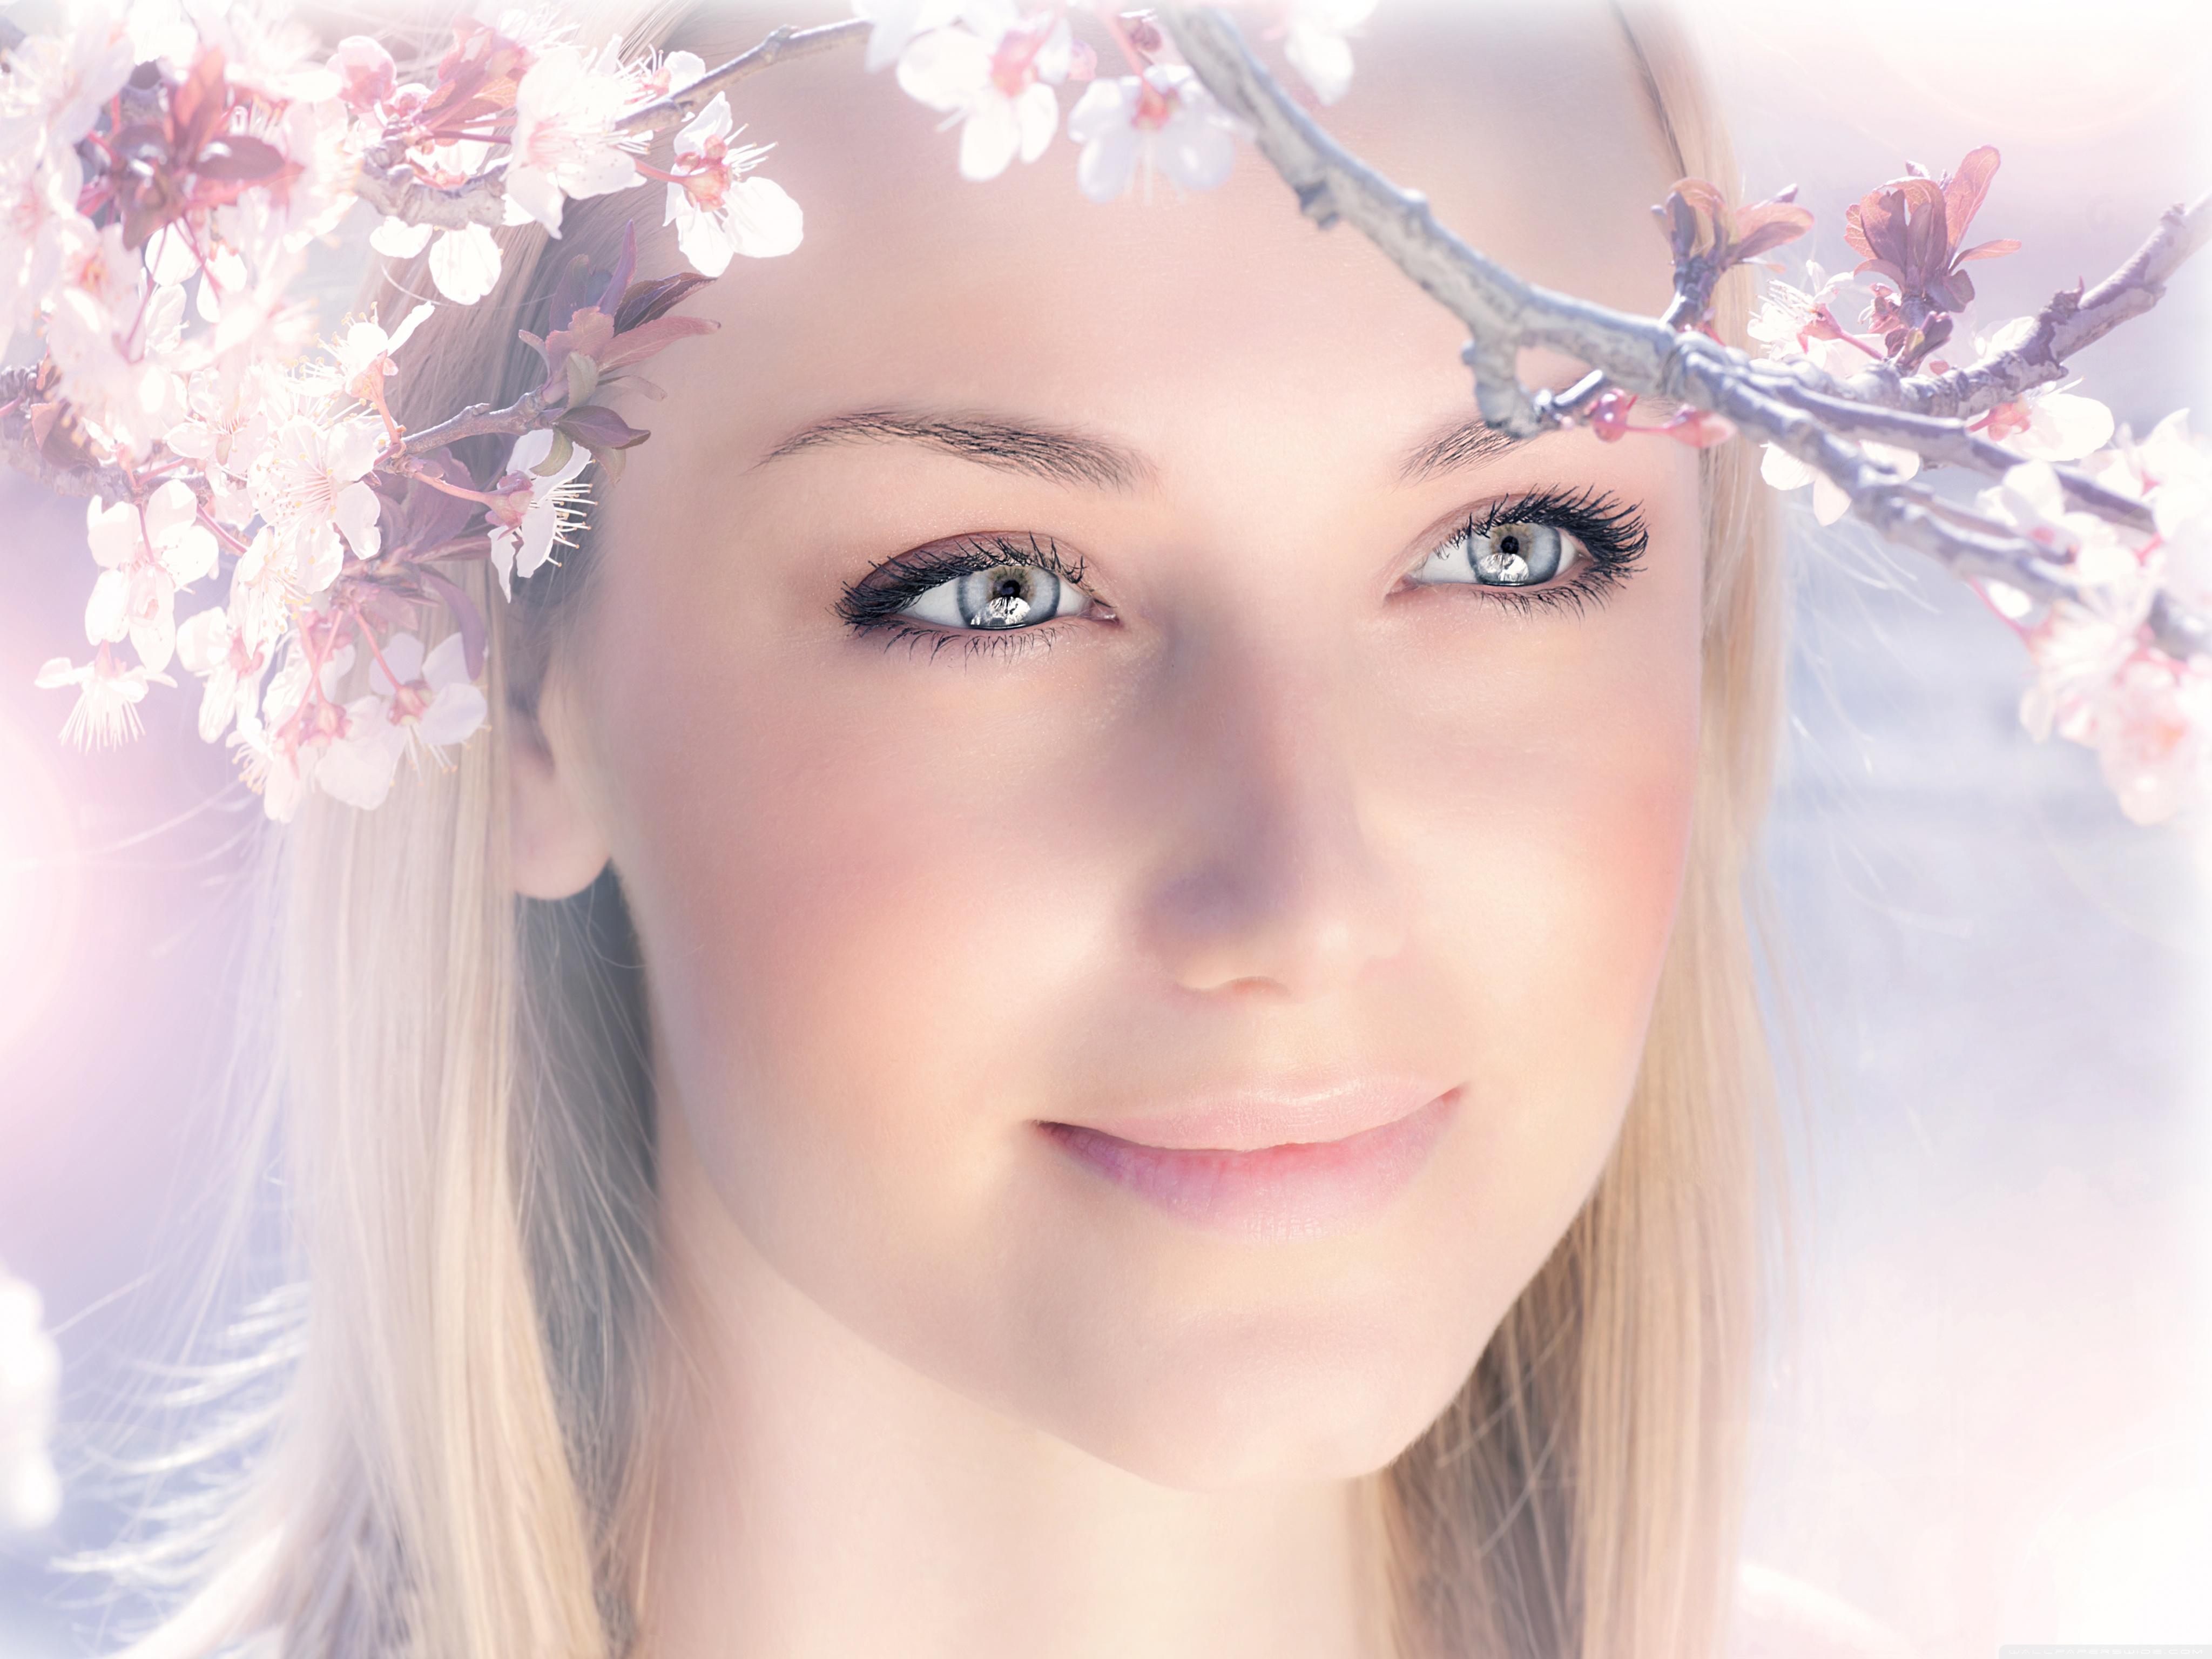 spring_girl_2-wallpaper-4096x3072.jpg